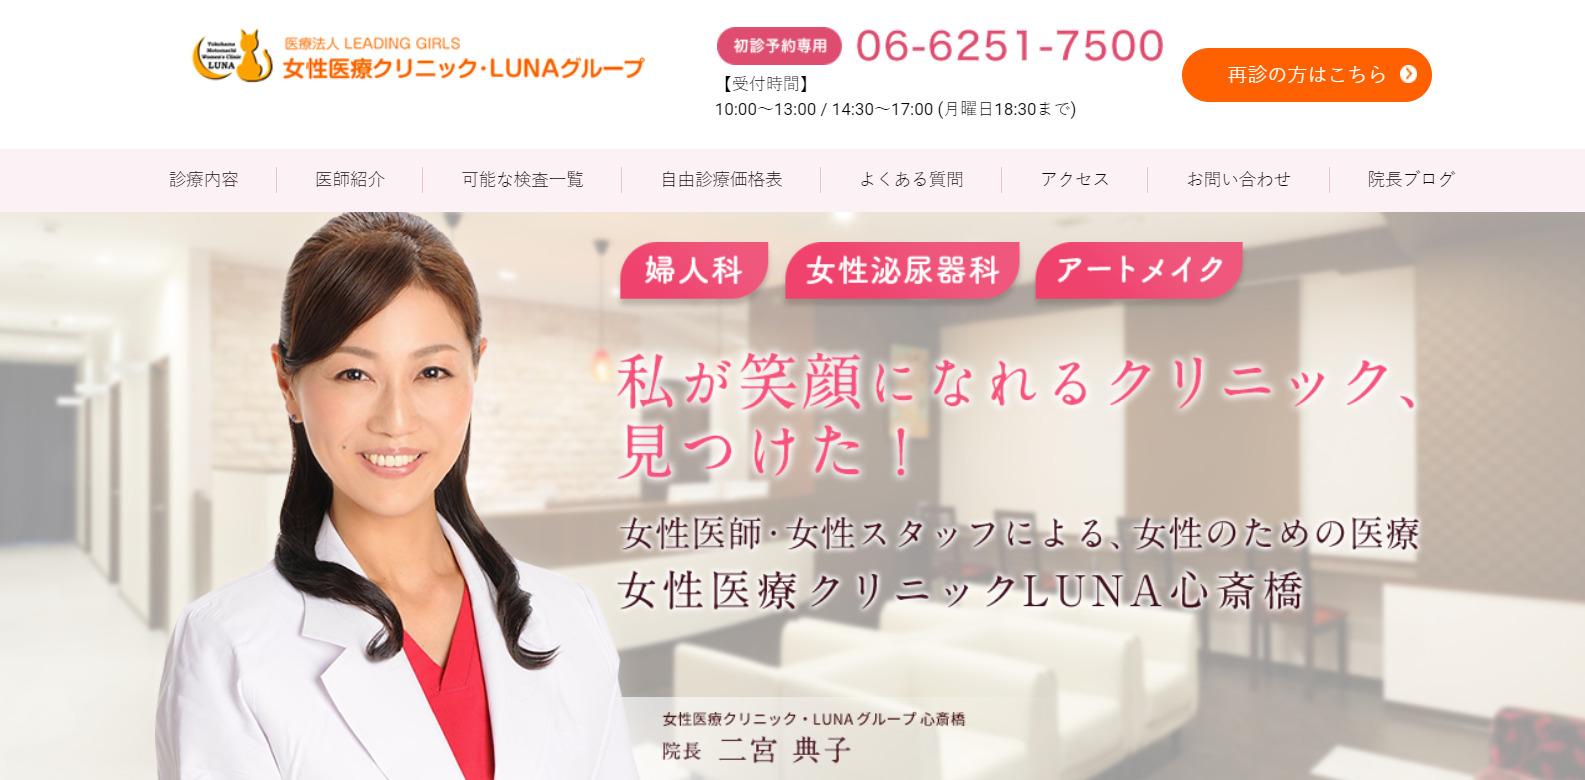 女性医療クリニックLUNA